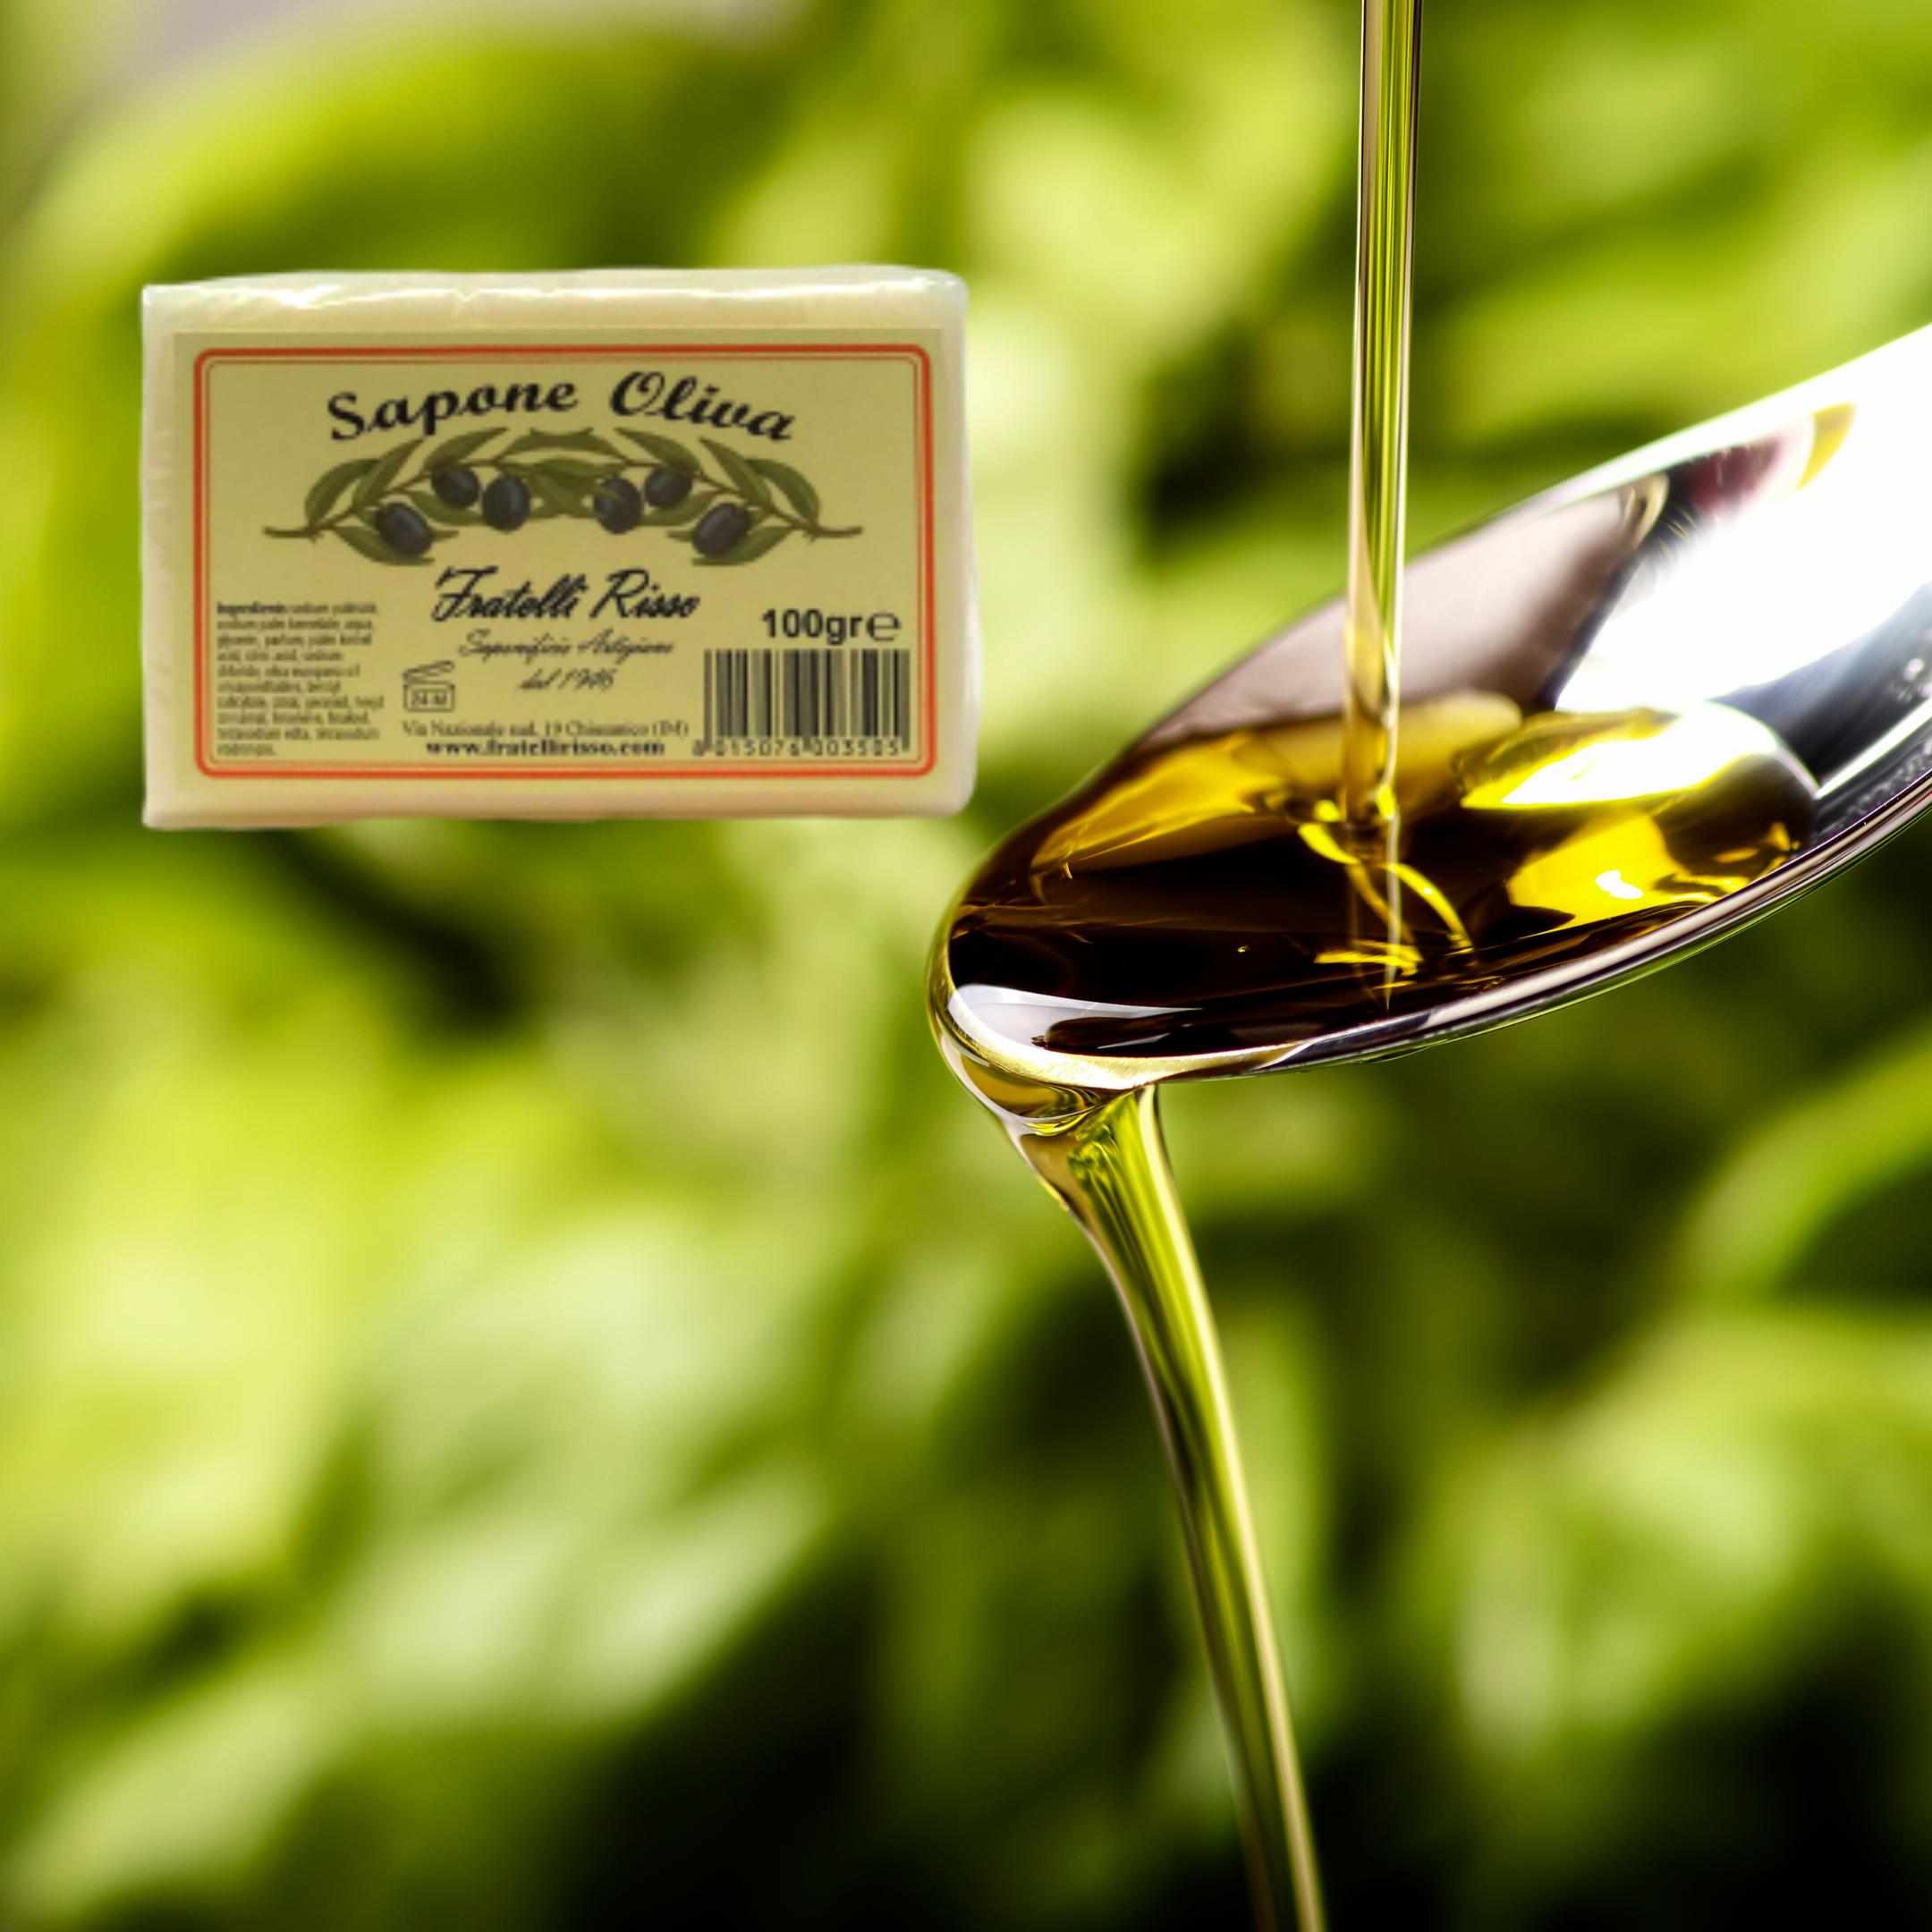 Saponetta all'olio di oliva 100g